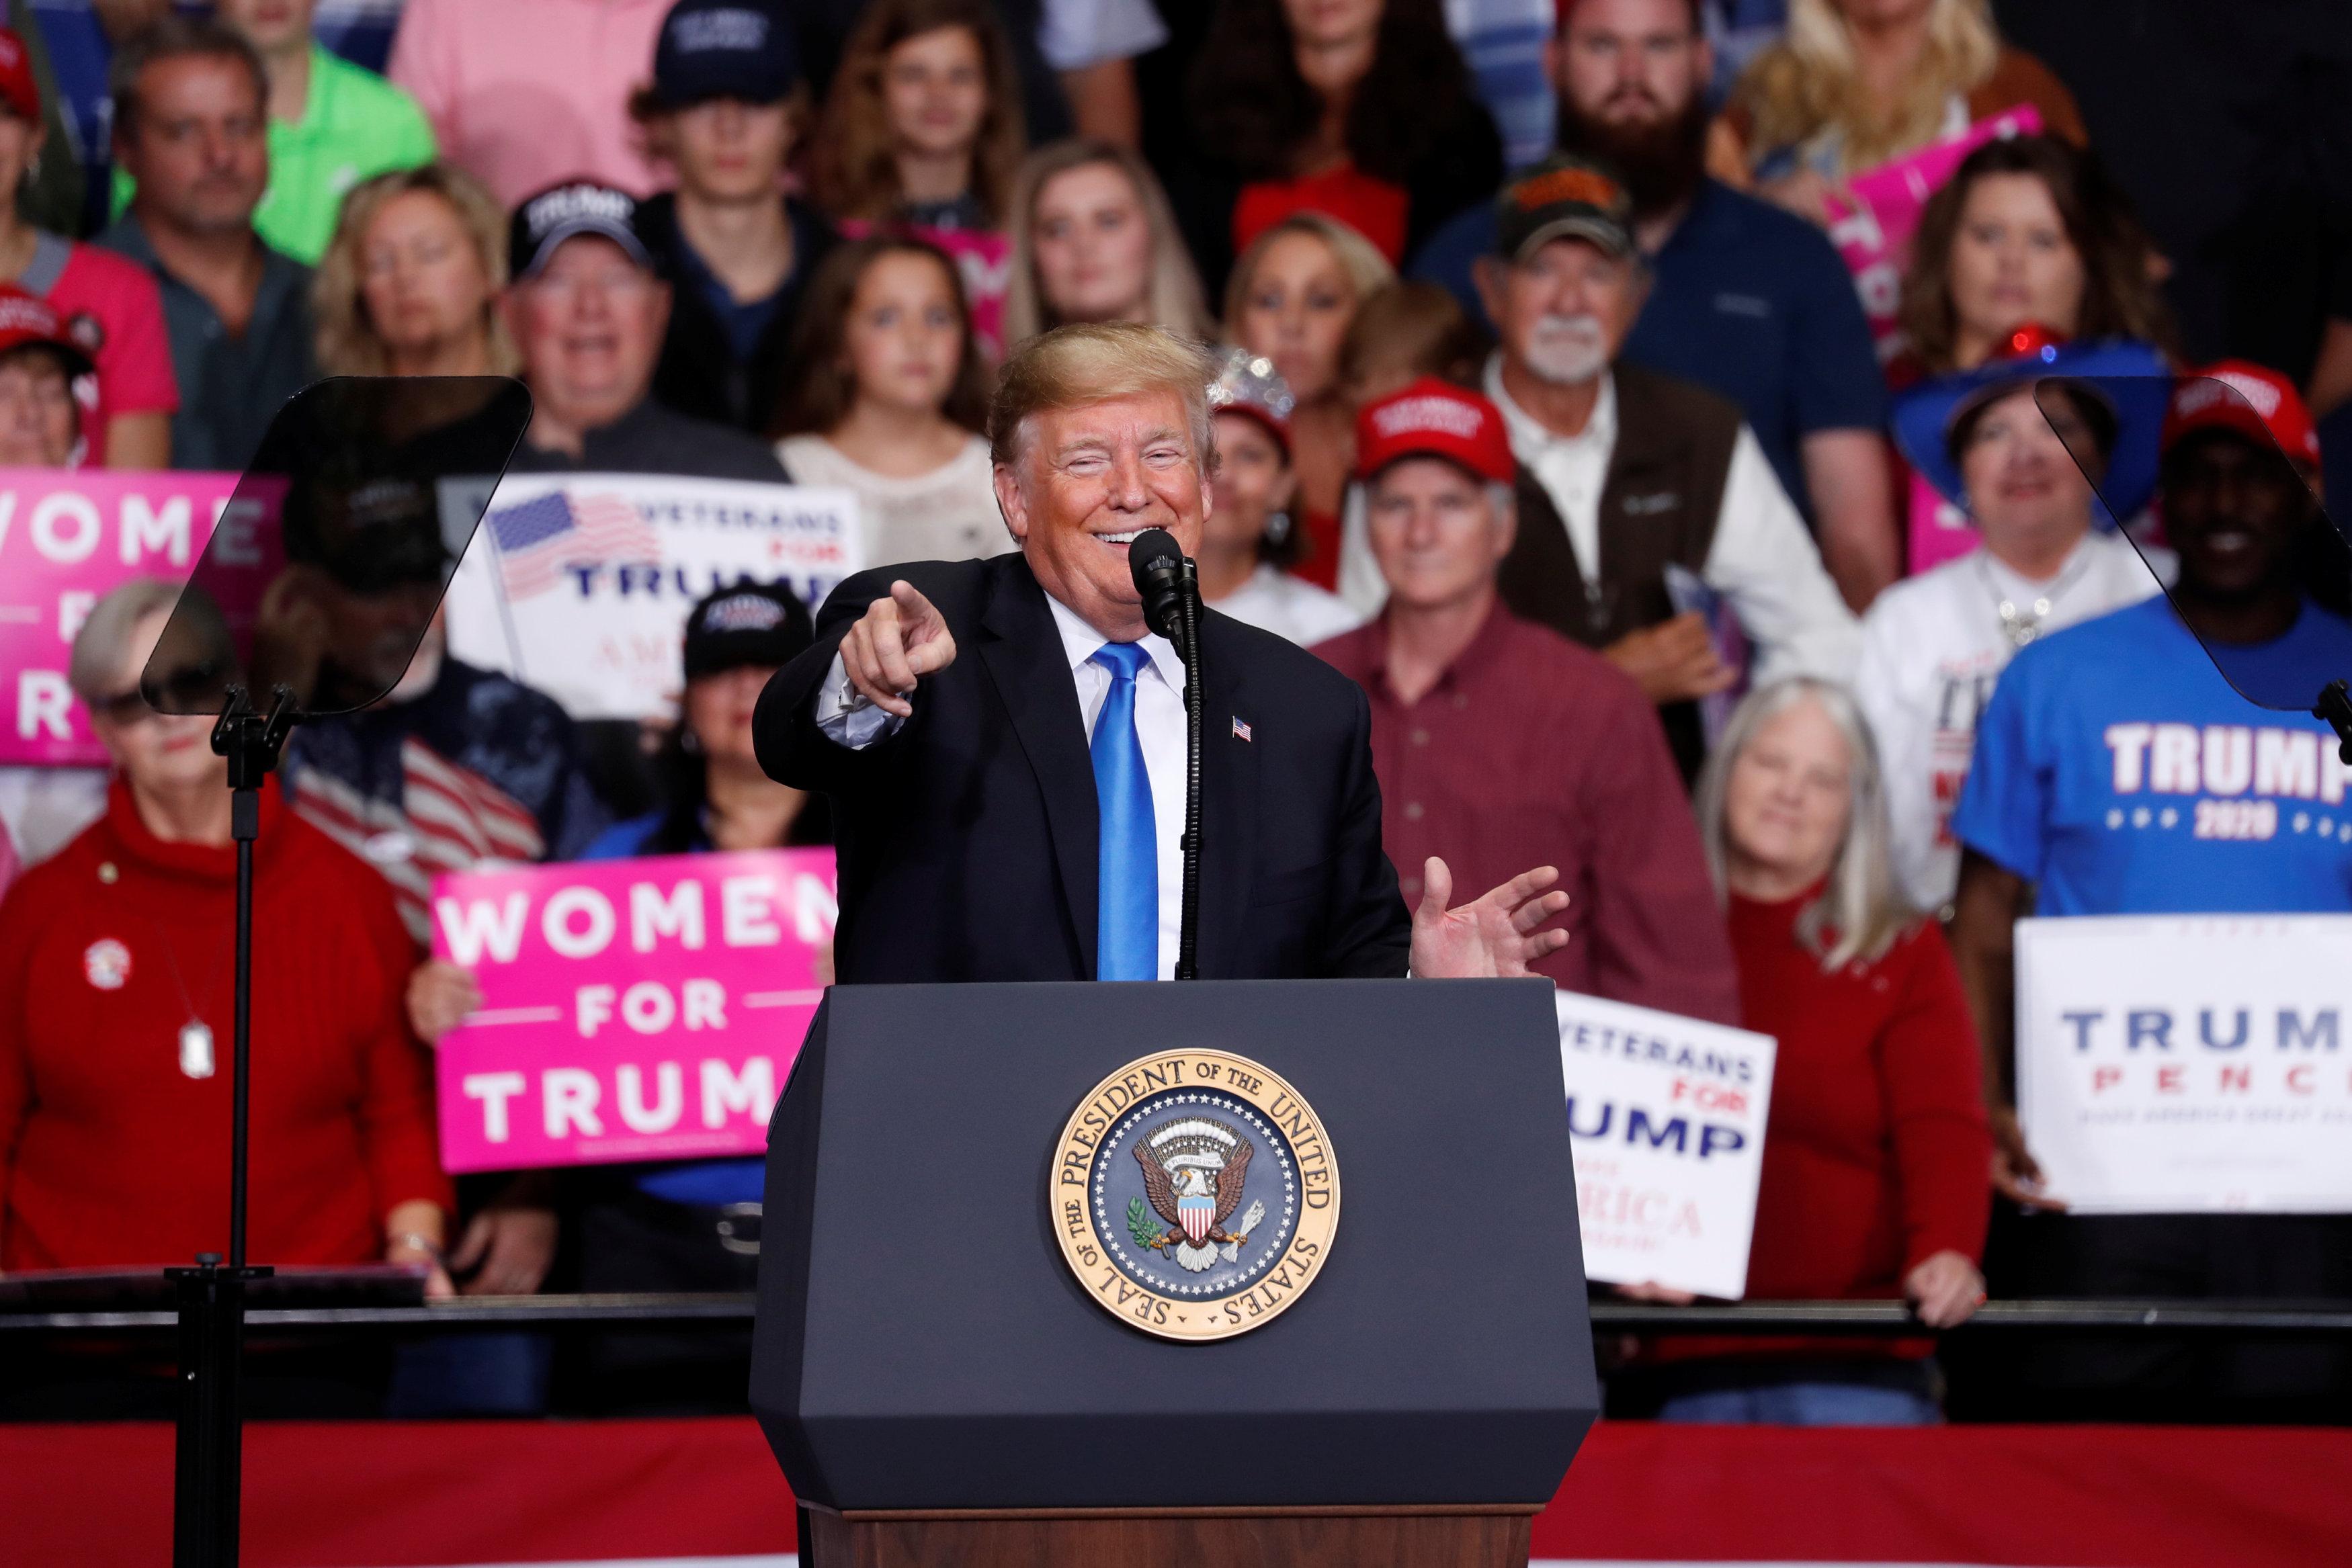 ترامب يتحدث أمام حشد فى شارلوت